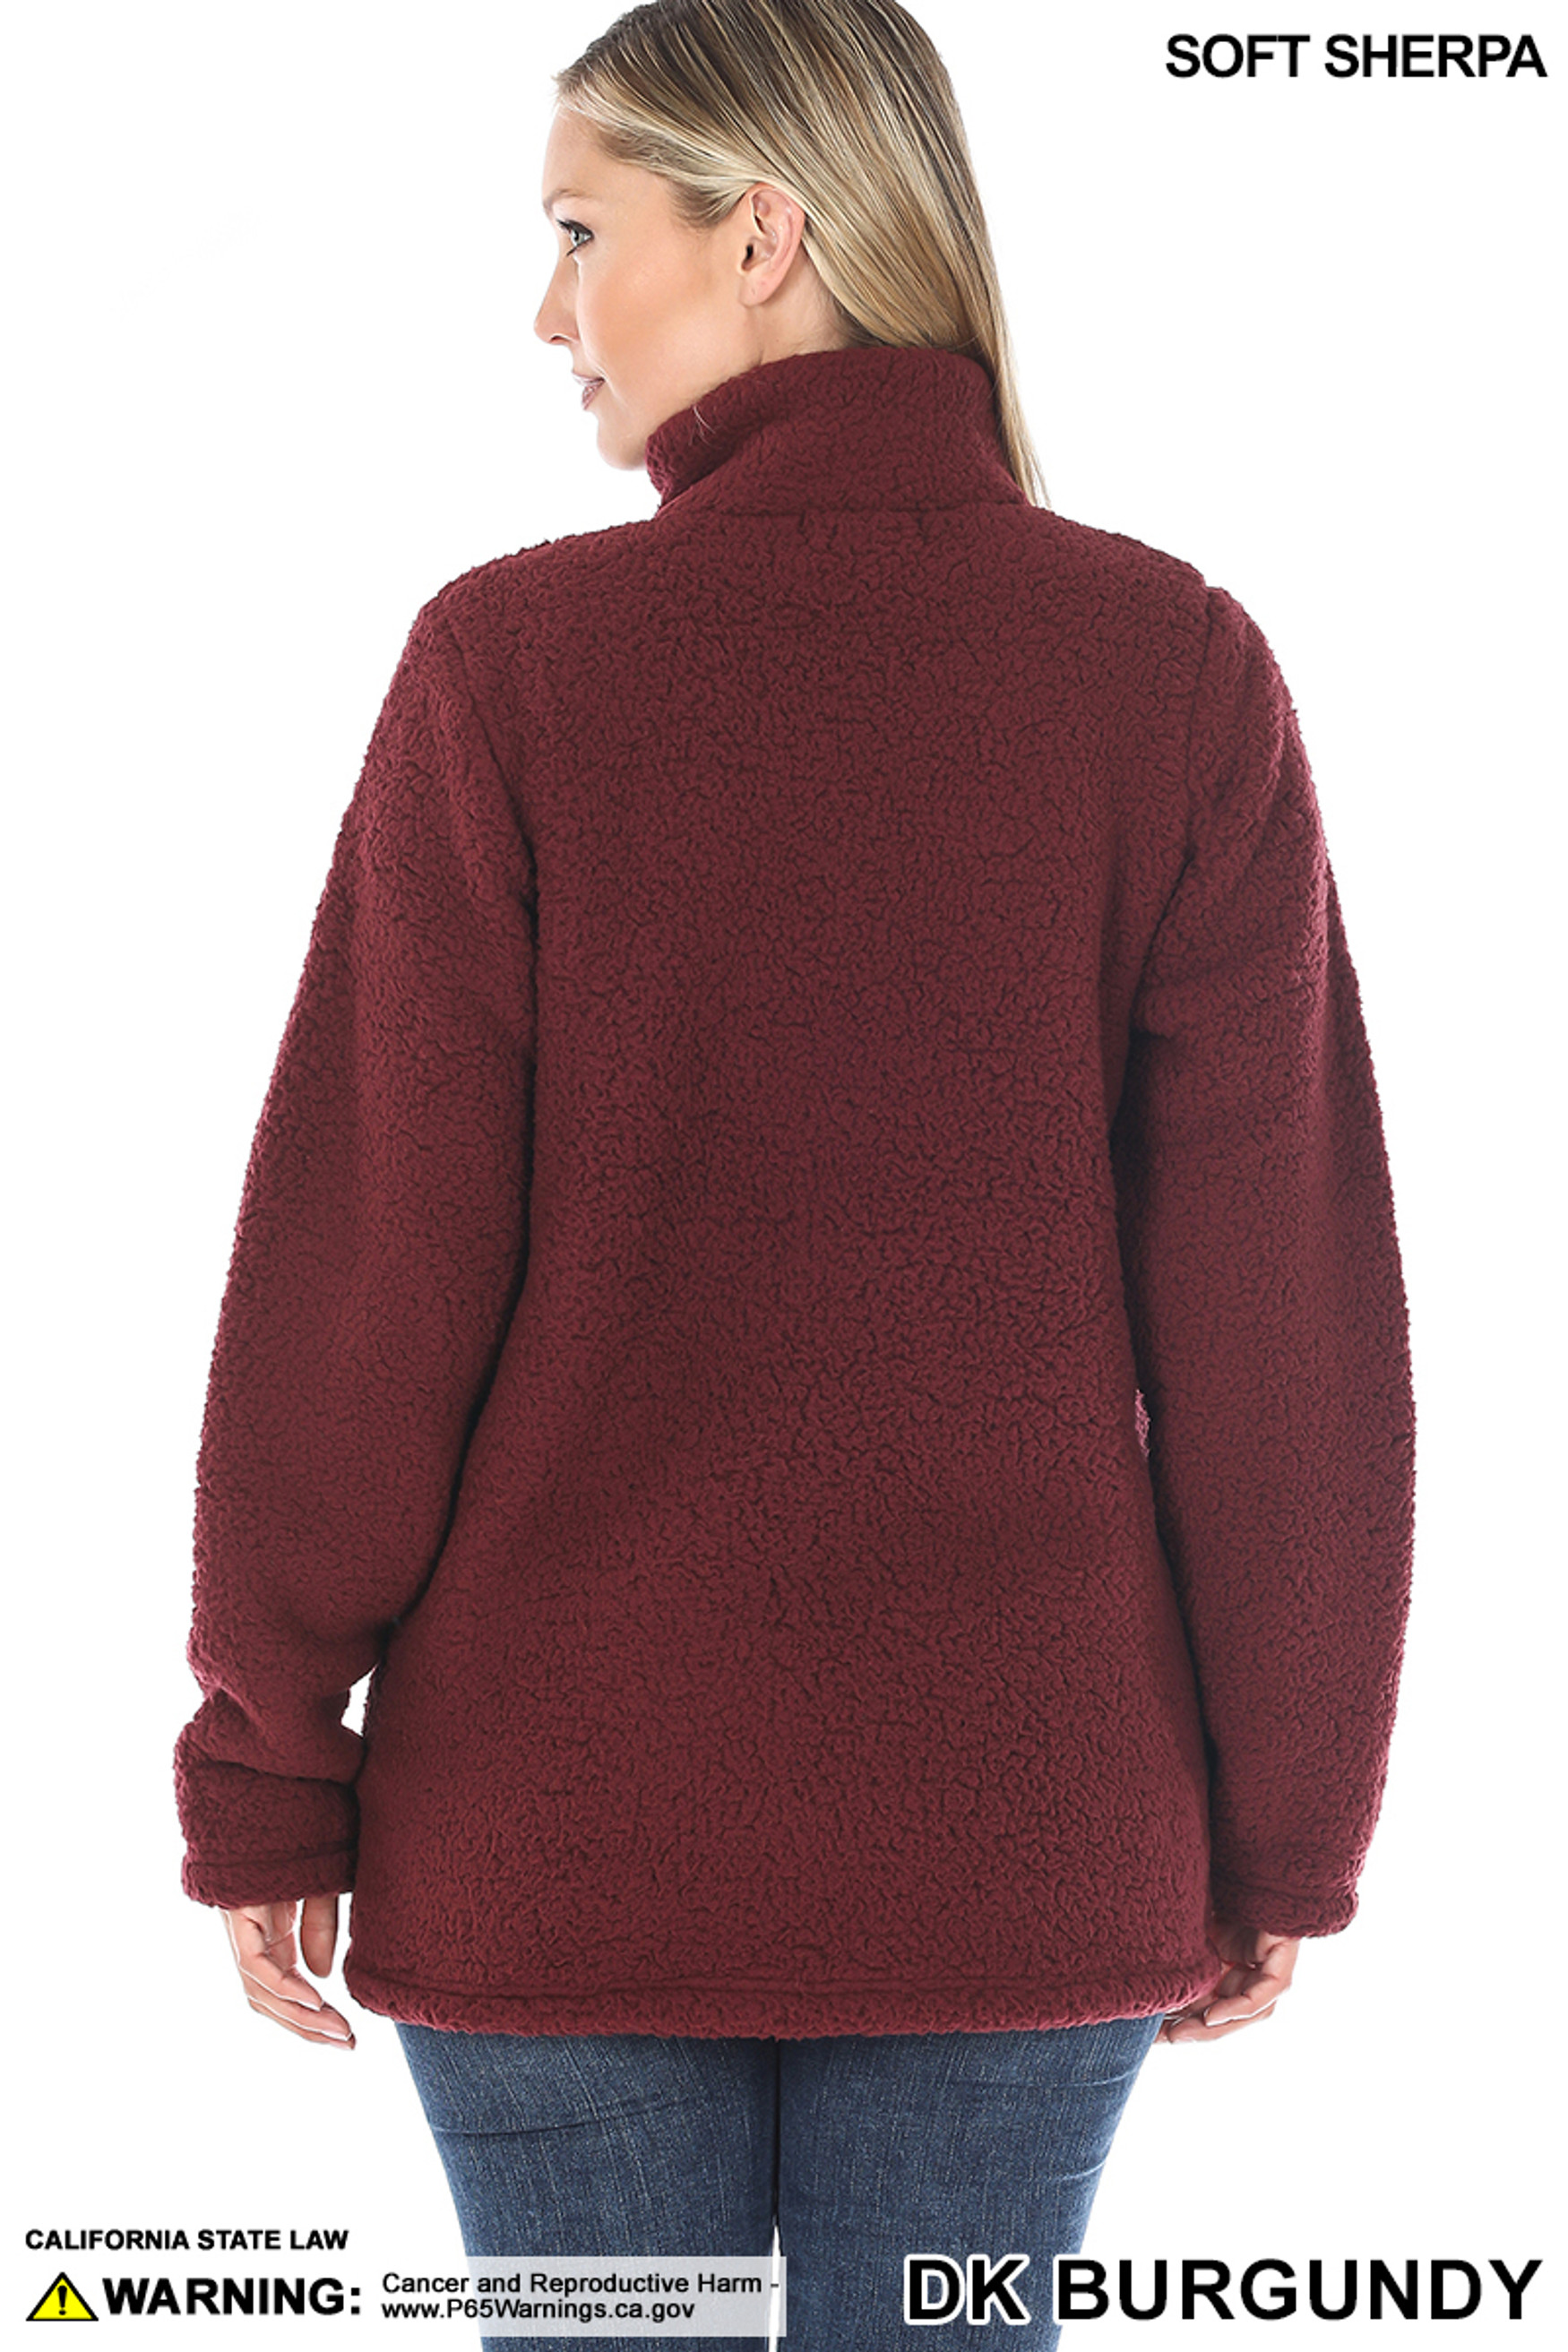 Back side image of of Dark Burgundy Sherpa Zip Up Jacket with Side Pockets